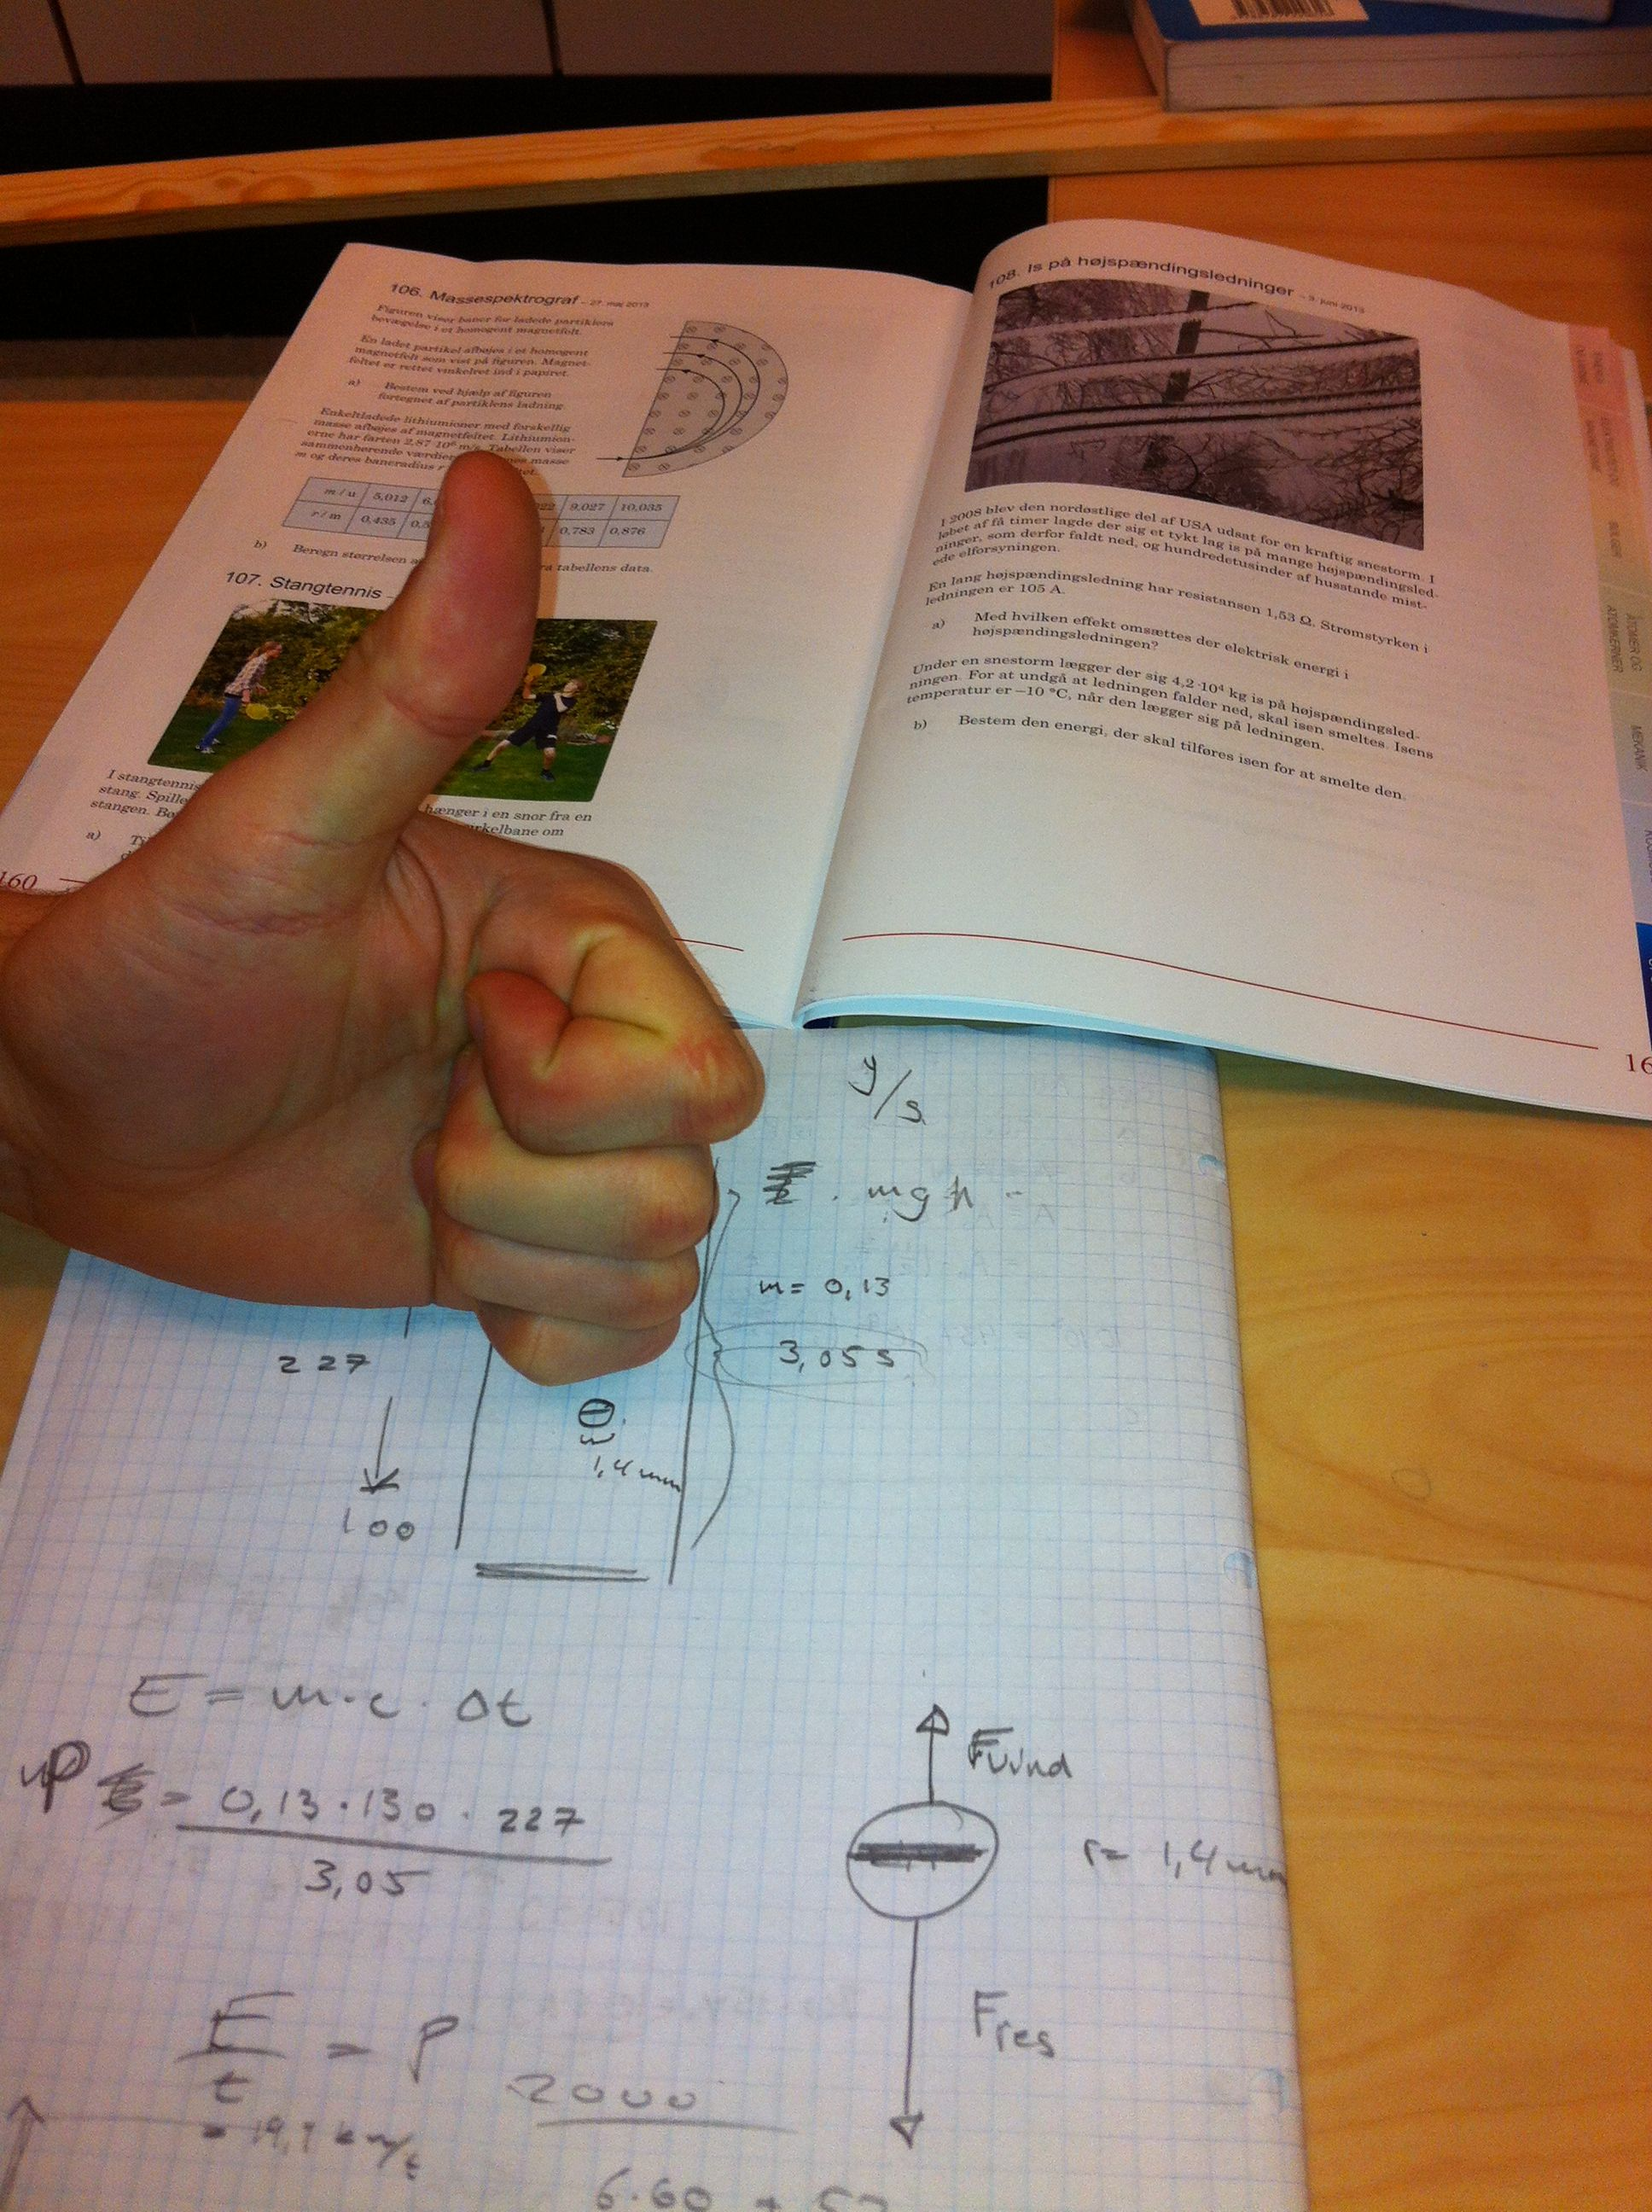 fysik, det er vejen frem, da uddannelse er vigtigt da et job er afgørende for at kunne fa job og bibeholde et leveværdigt liv,